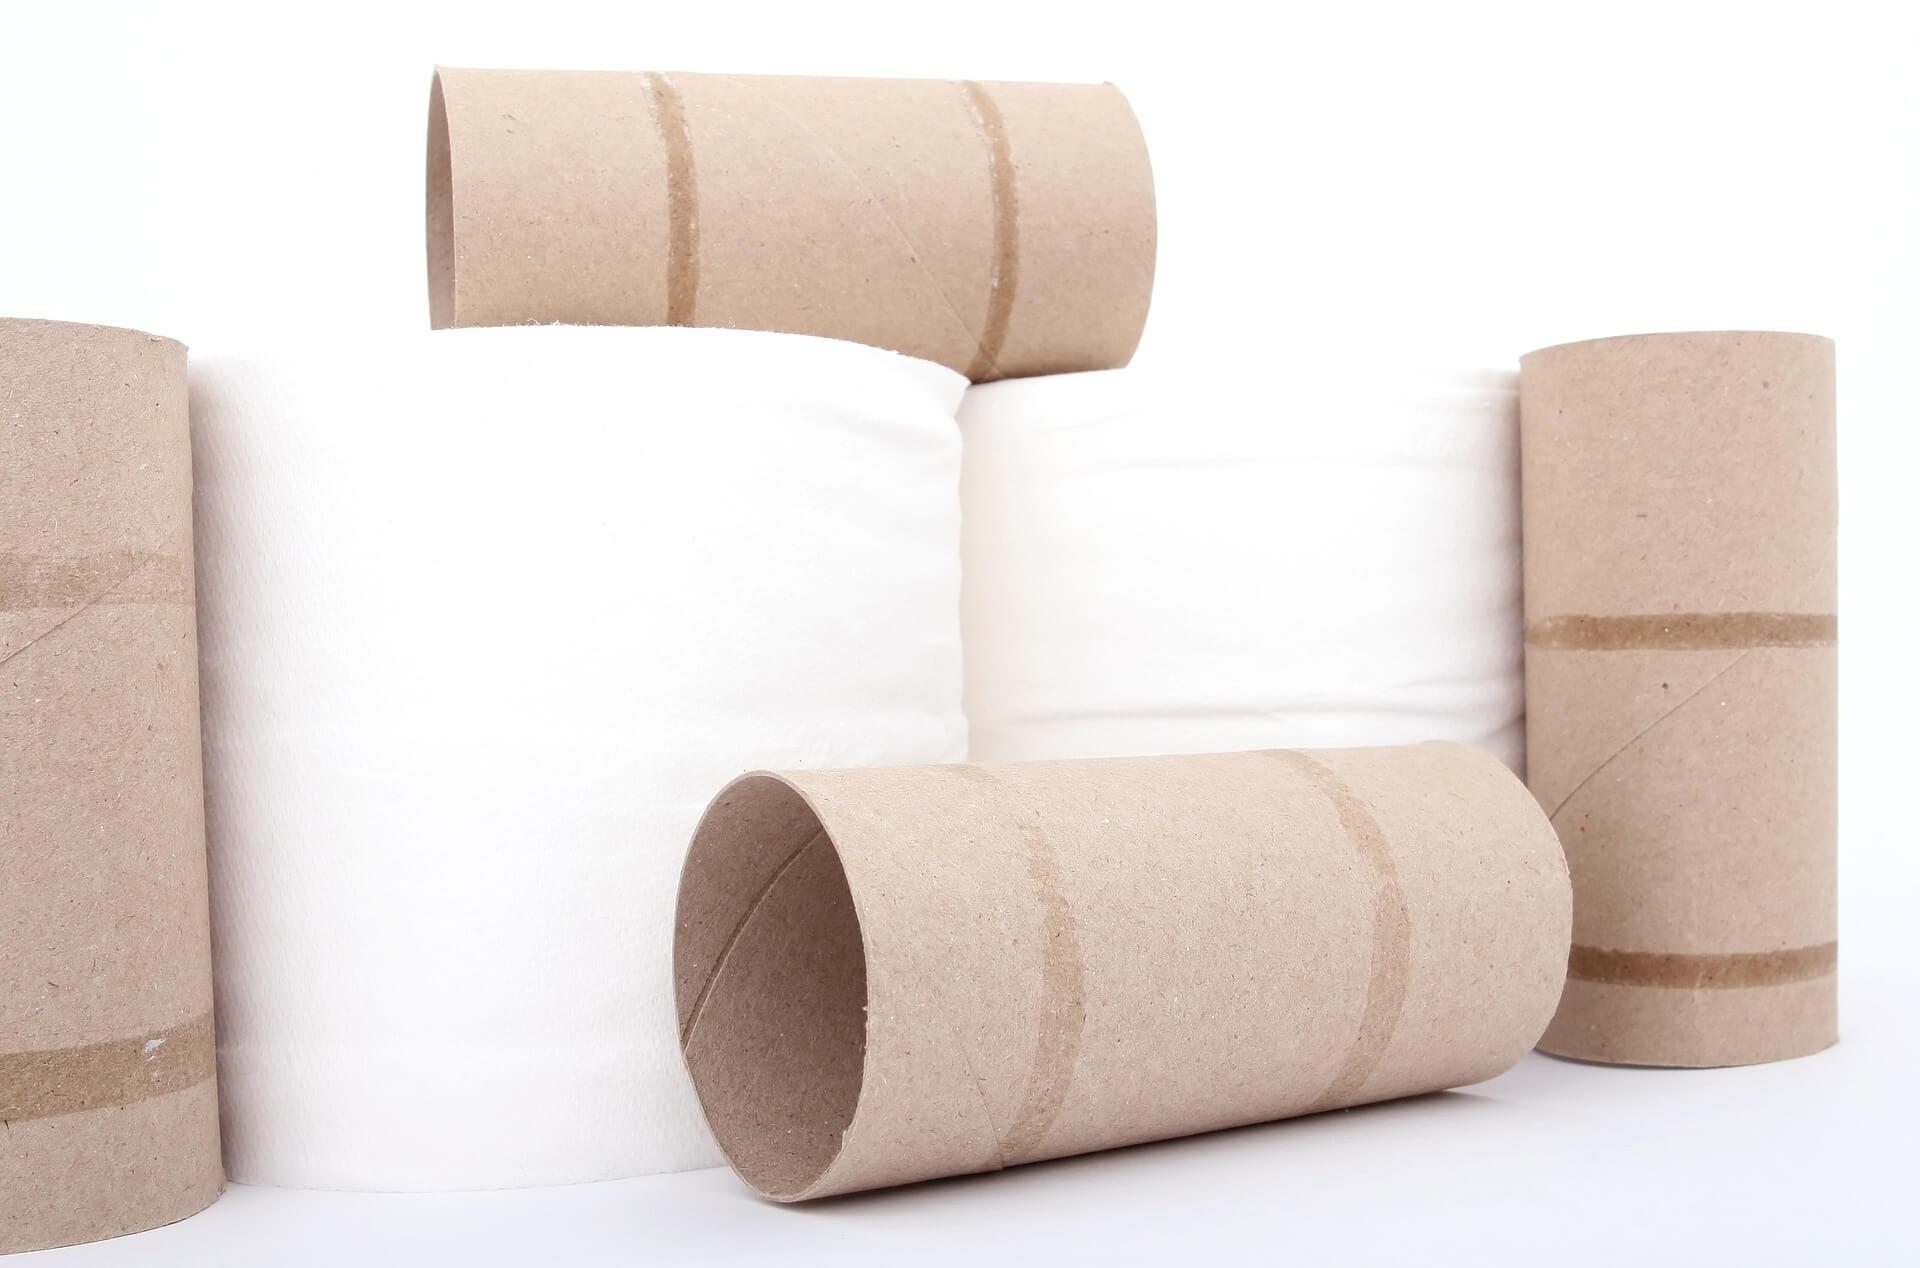 papier toaletowy od izopaper